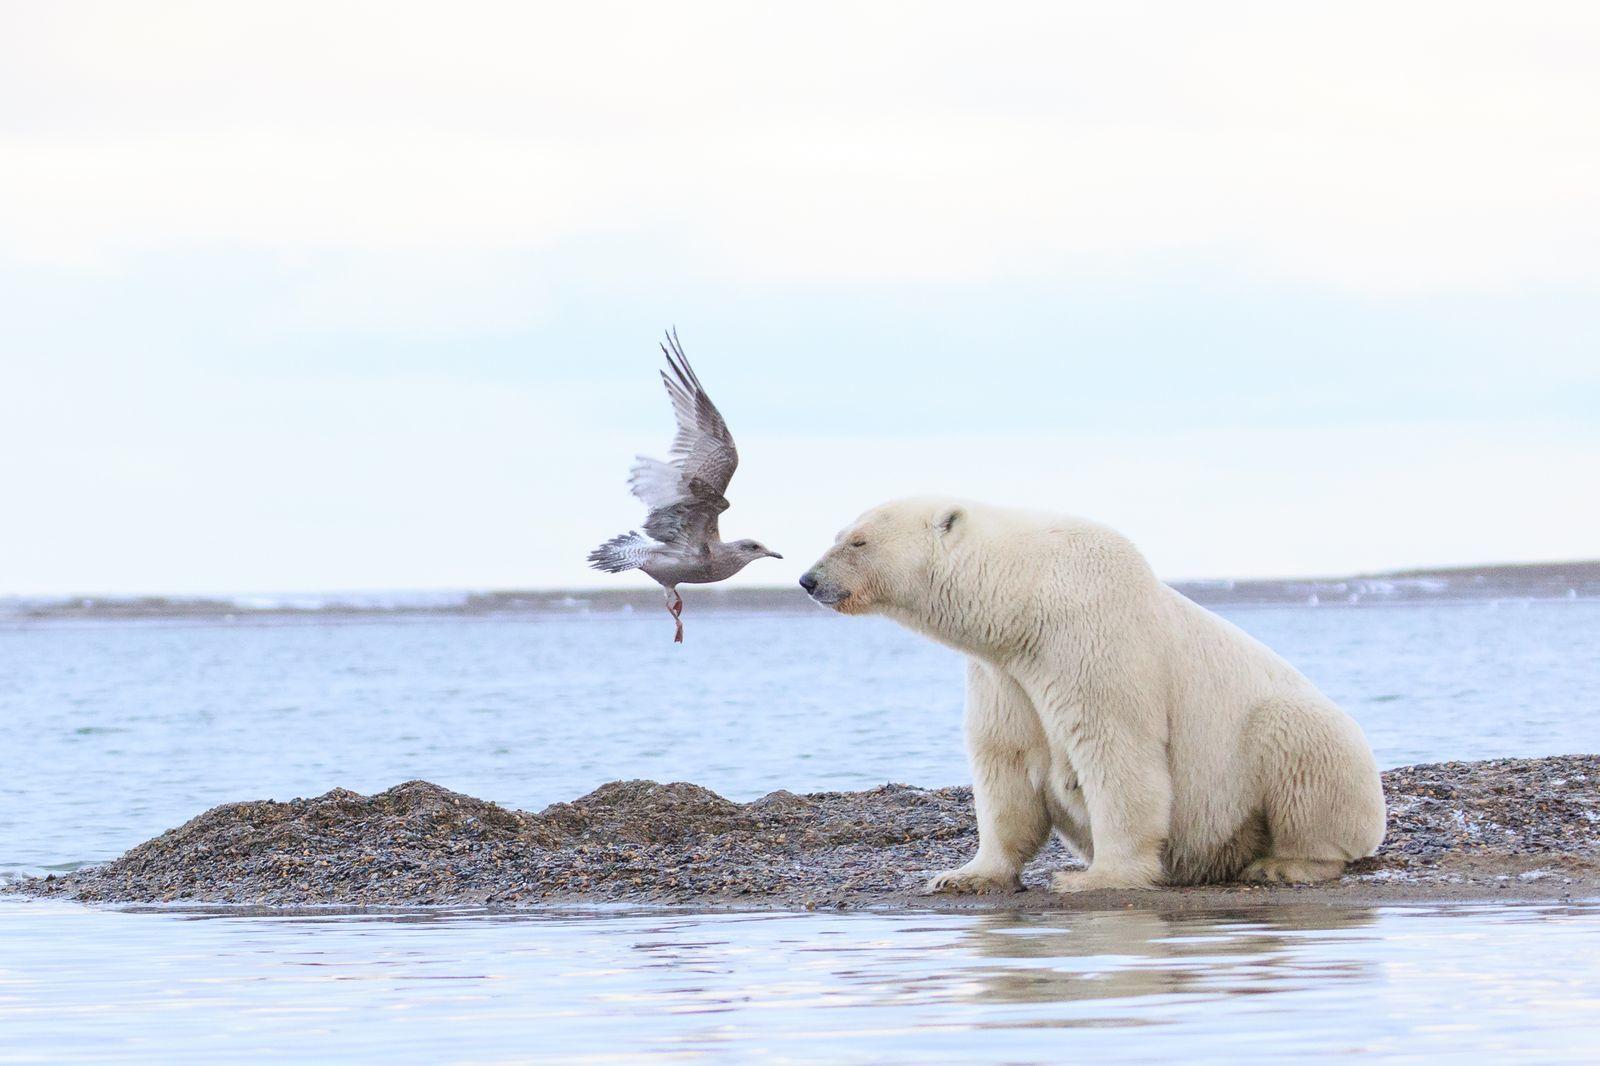 一周外媒动物图集:北极熊接受体检_网易科技整治老虎机图片